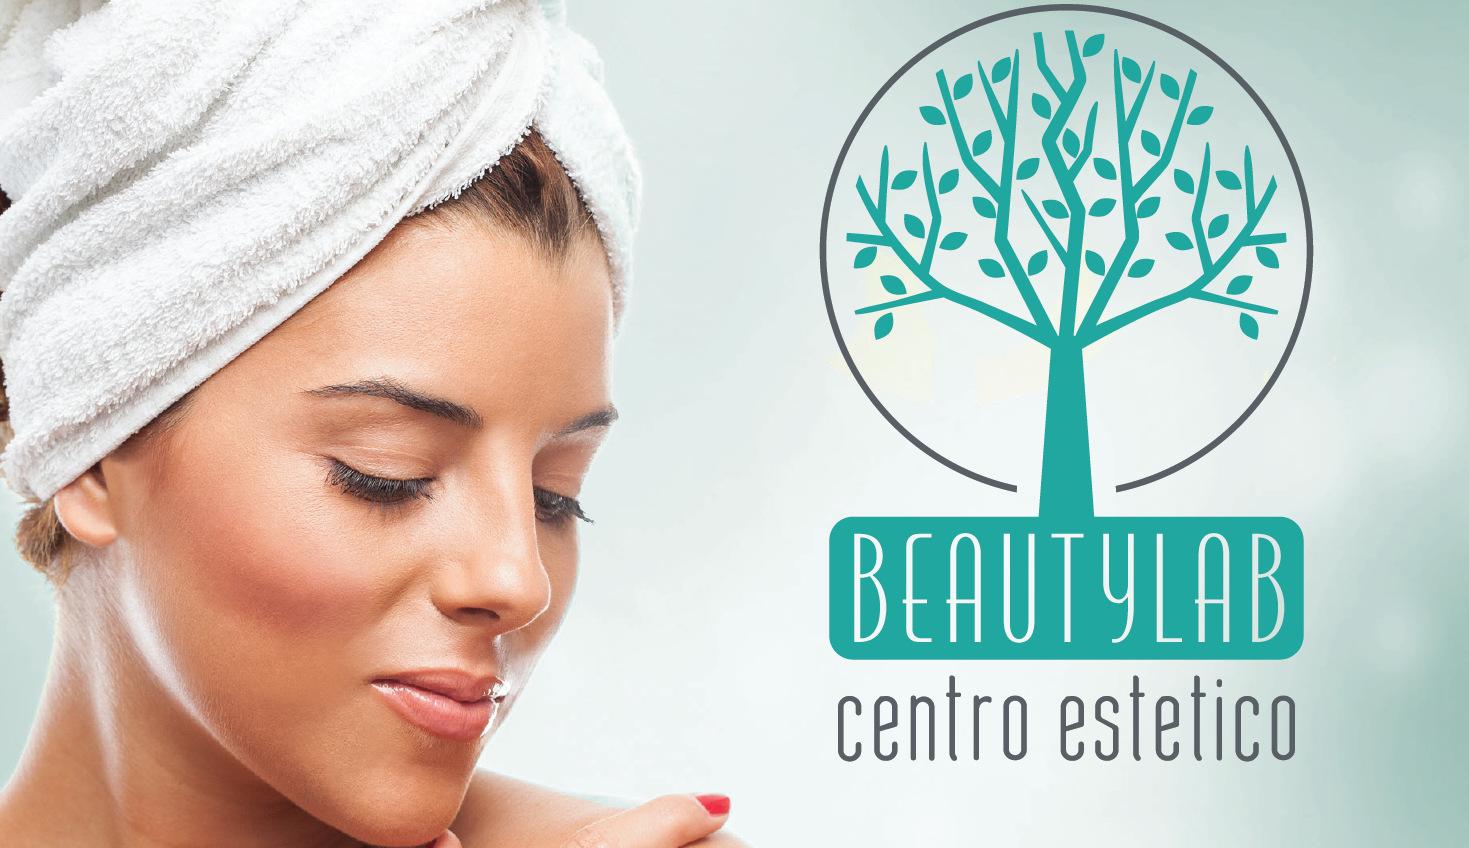 beauty-centro-estetico